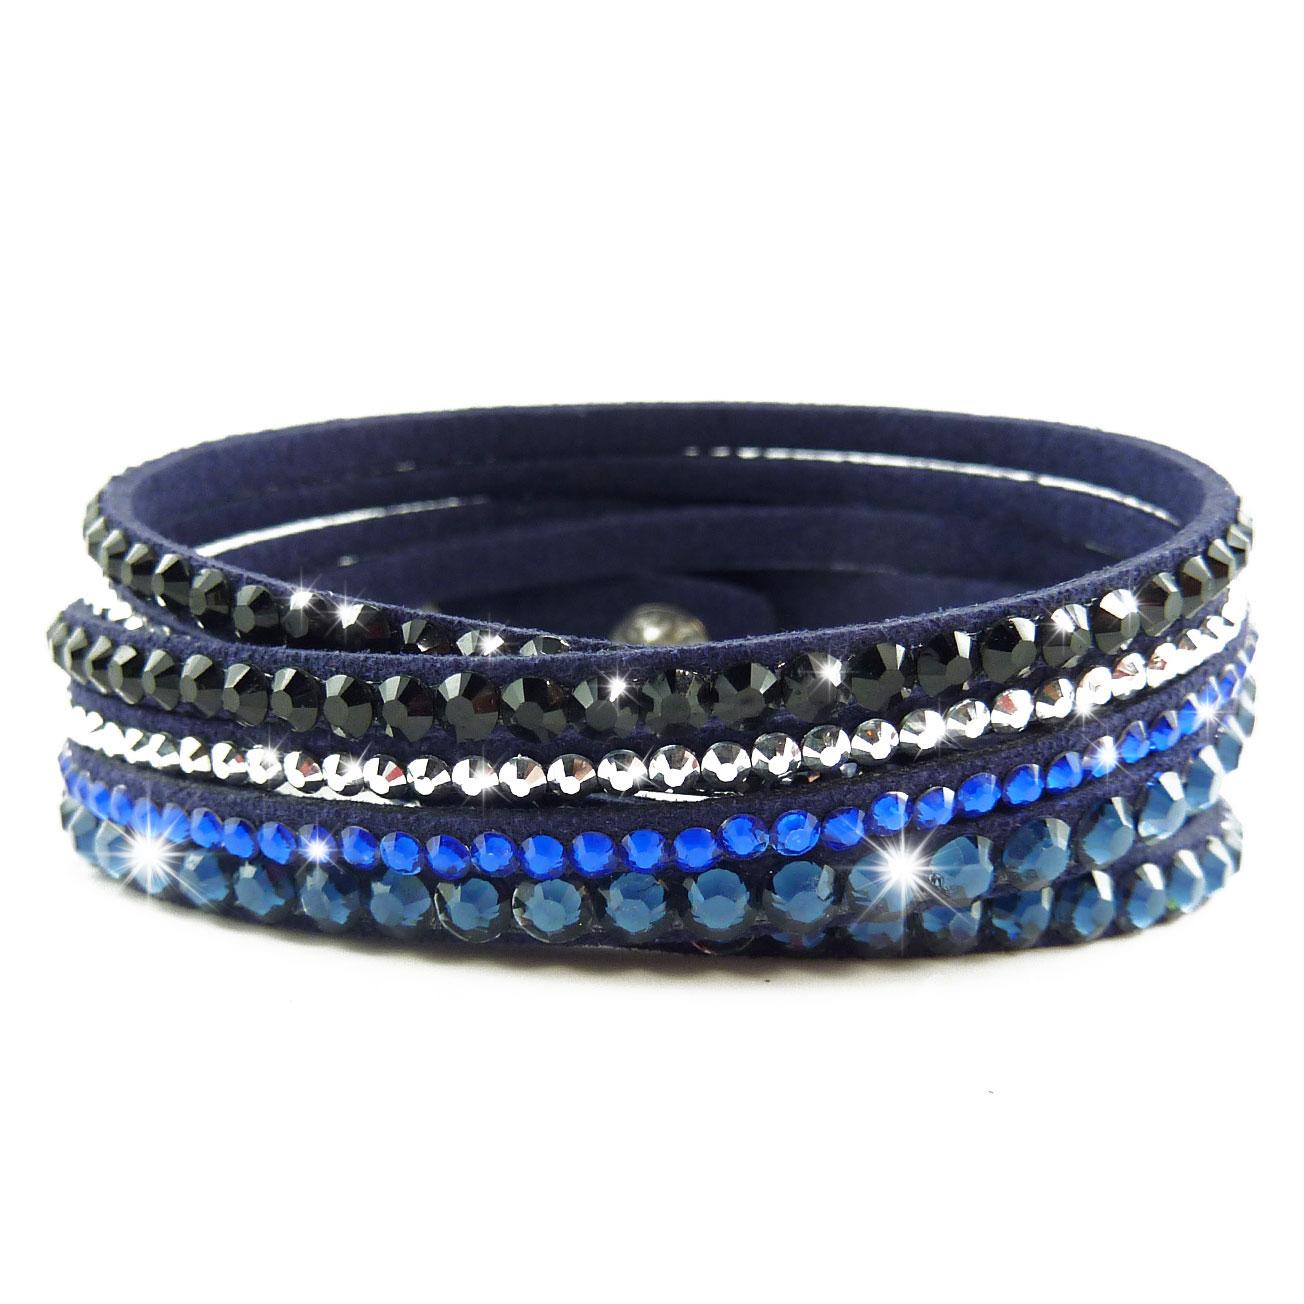 bracelet slake wrap strass multi tour cristal bleu dor cuir. Black Bedroom Furniture Sets. Home Design Ideas